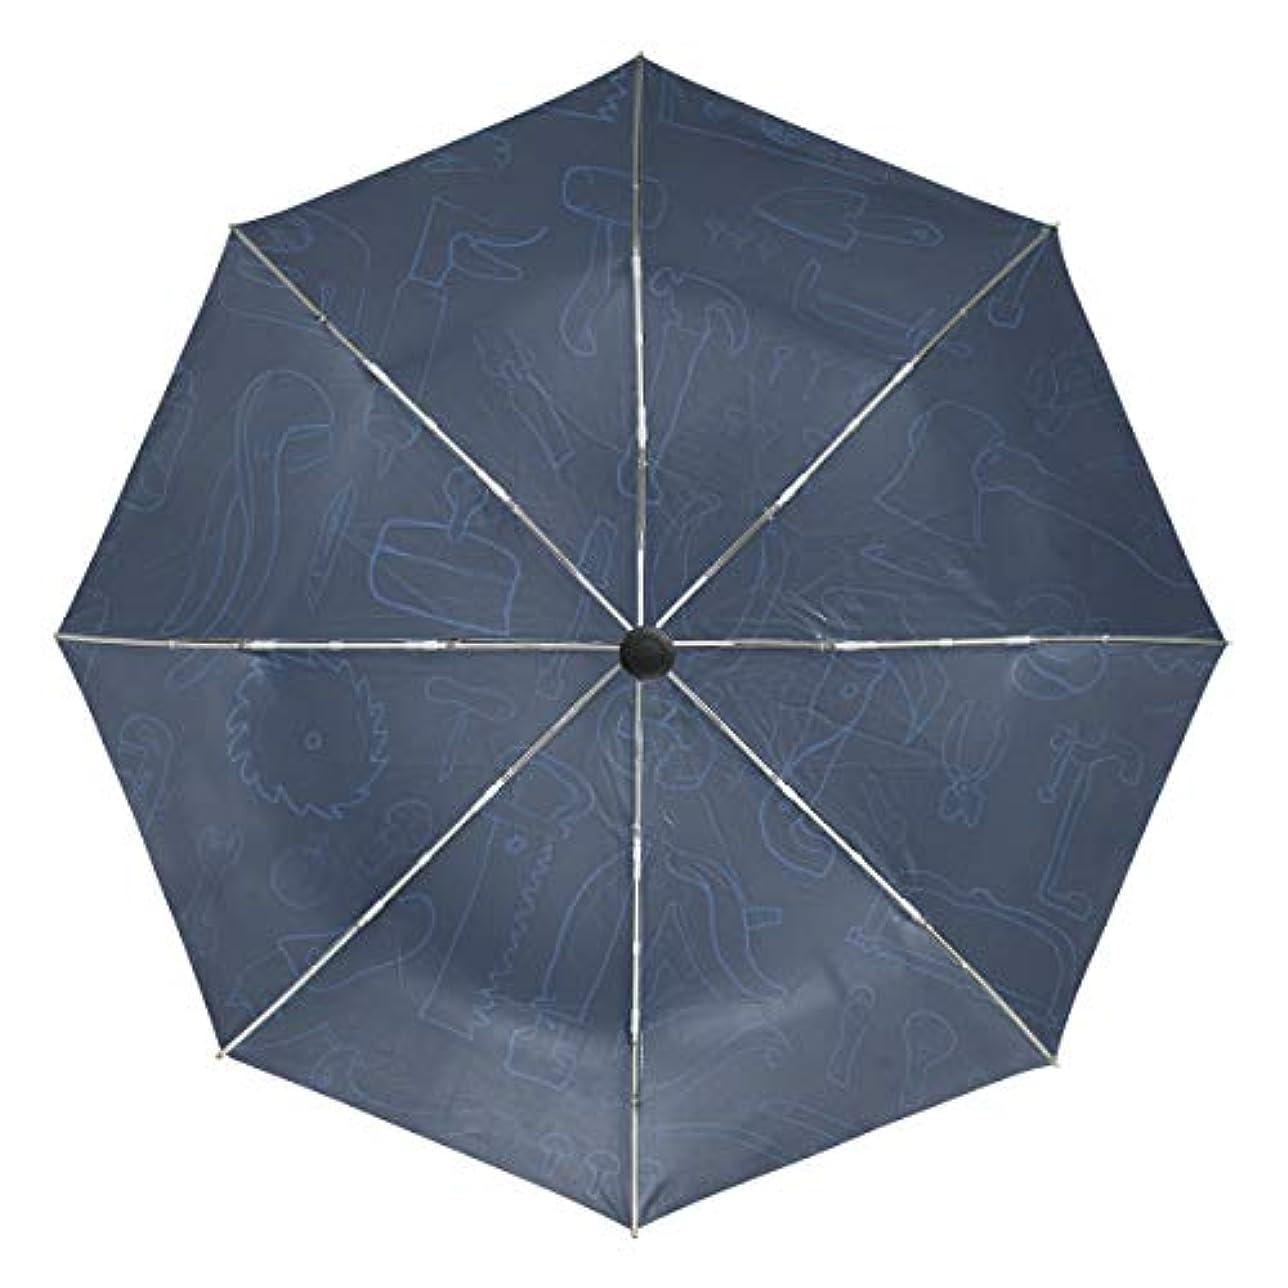 登る考え十二傘 自動傘 丈夫 台風対策 雨傘 日傘 描画パターン ドライバー工具 三つ折り傘 日よけ傘 日焼け止め 折りたたみ傘 UVカット 紫外線カット 自動開閉 晴雨兼用 梅雨対策